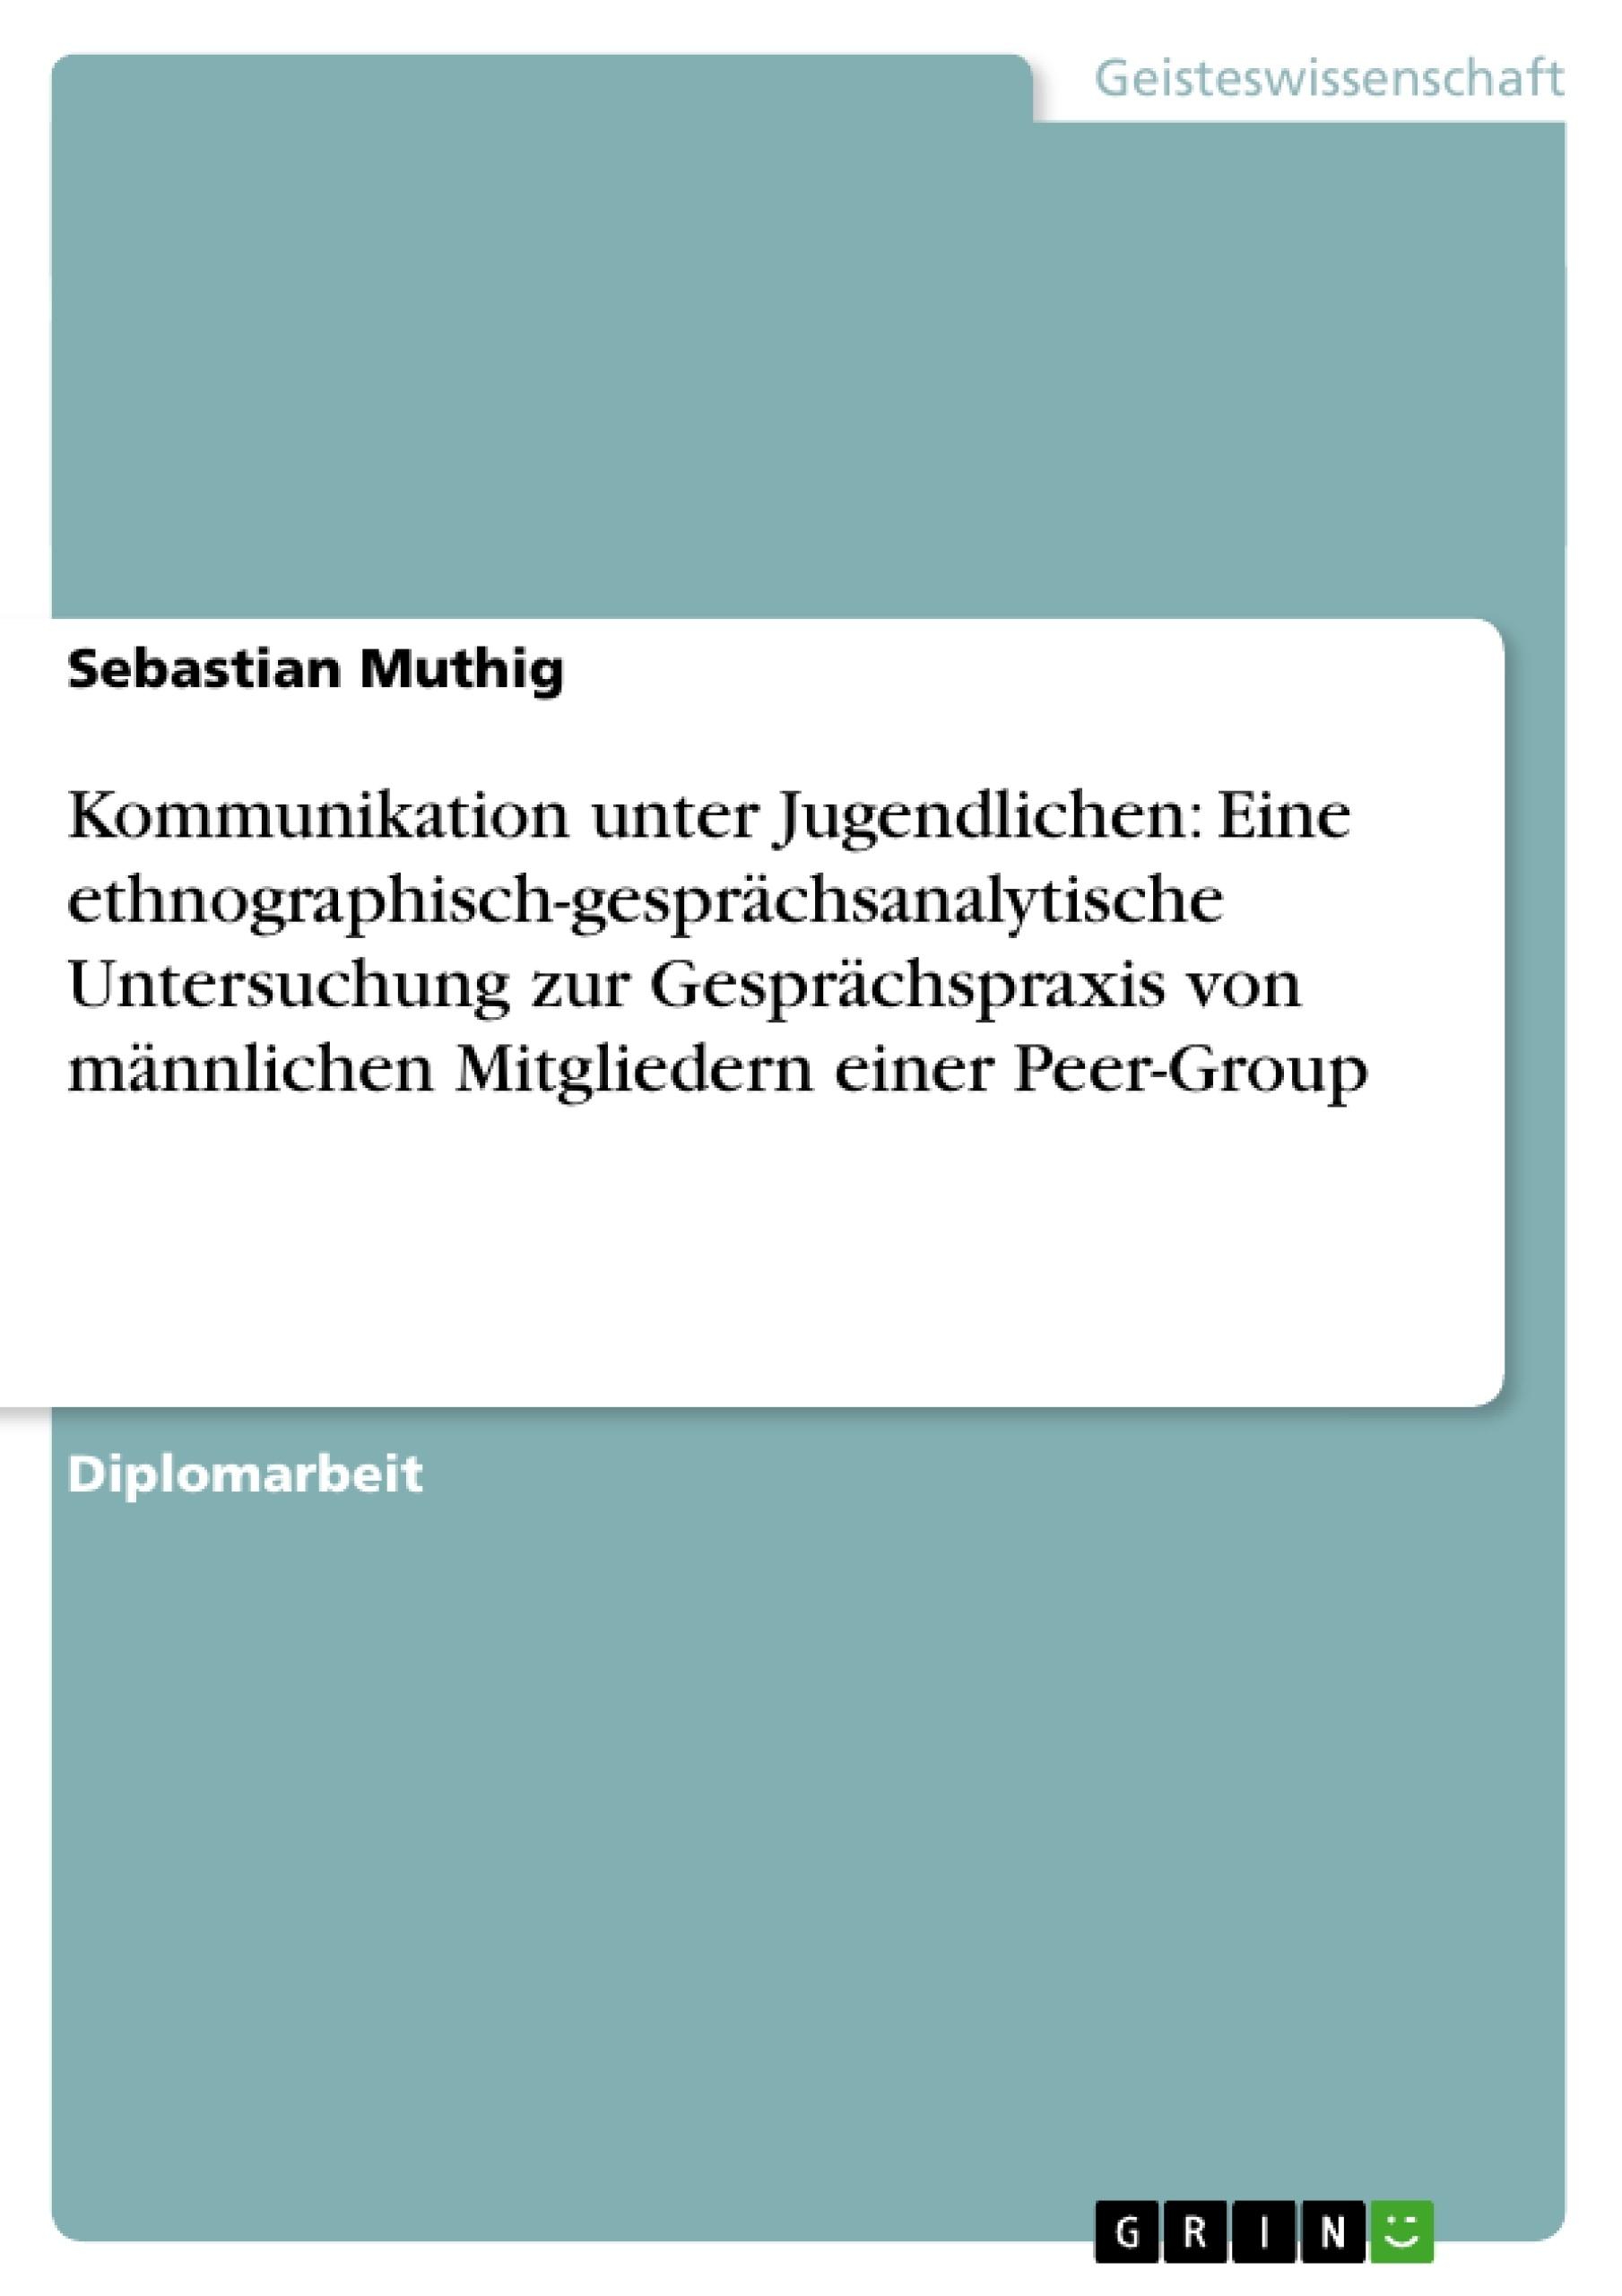 Titel: Kommunikation unter Jugendlichen: Eine ethnographisch-gesprächsanalytische Untersuchung zur Gesprächspraxis von männlichen Mitgliedern einer Peer-Group